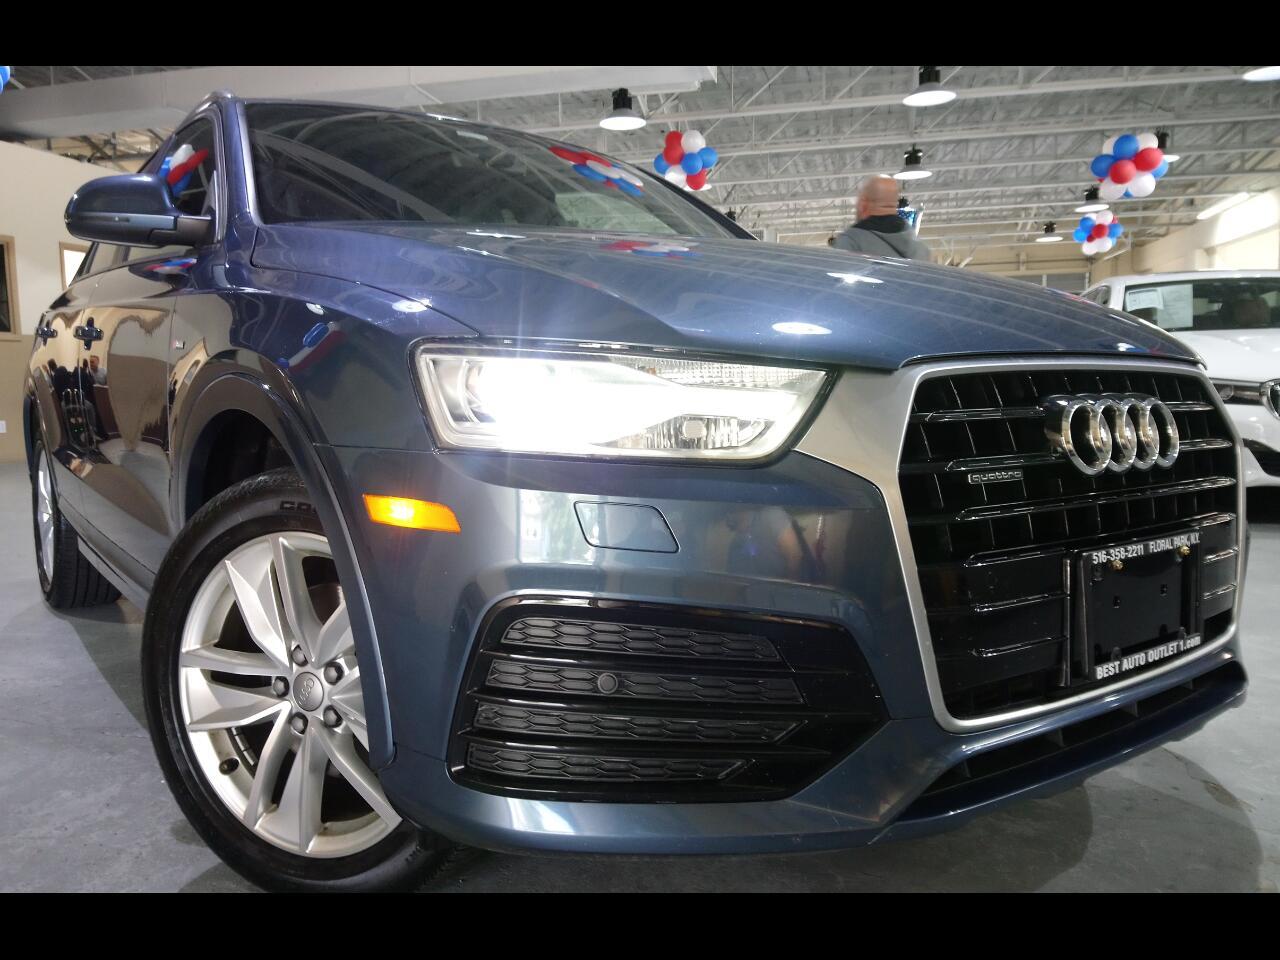 2018 Audi Q3 2.0 TFSI Sport Premium quattro AWD